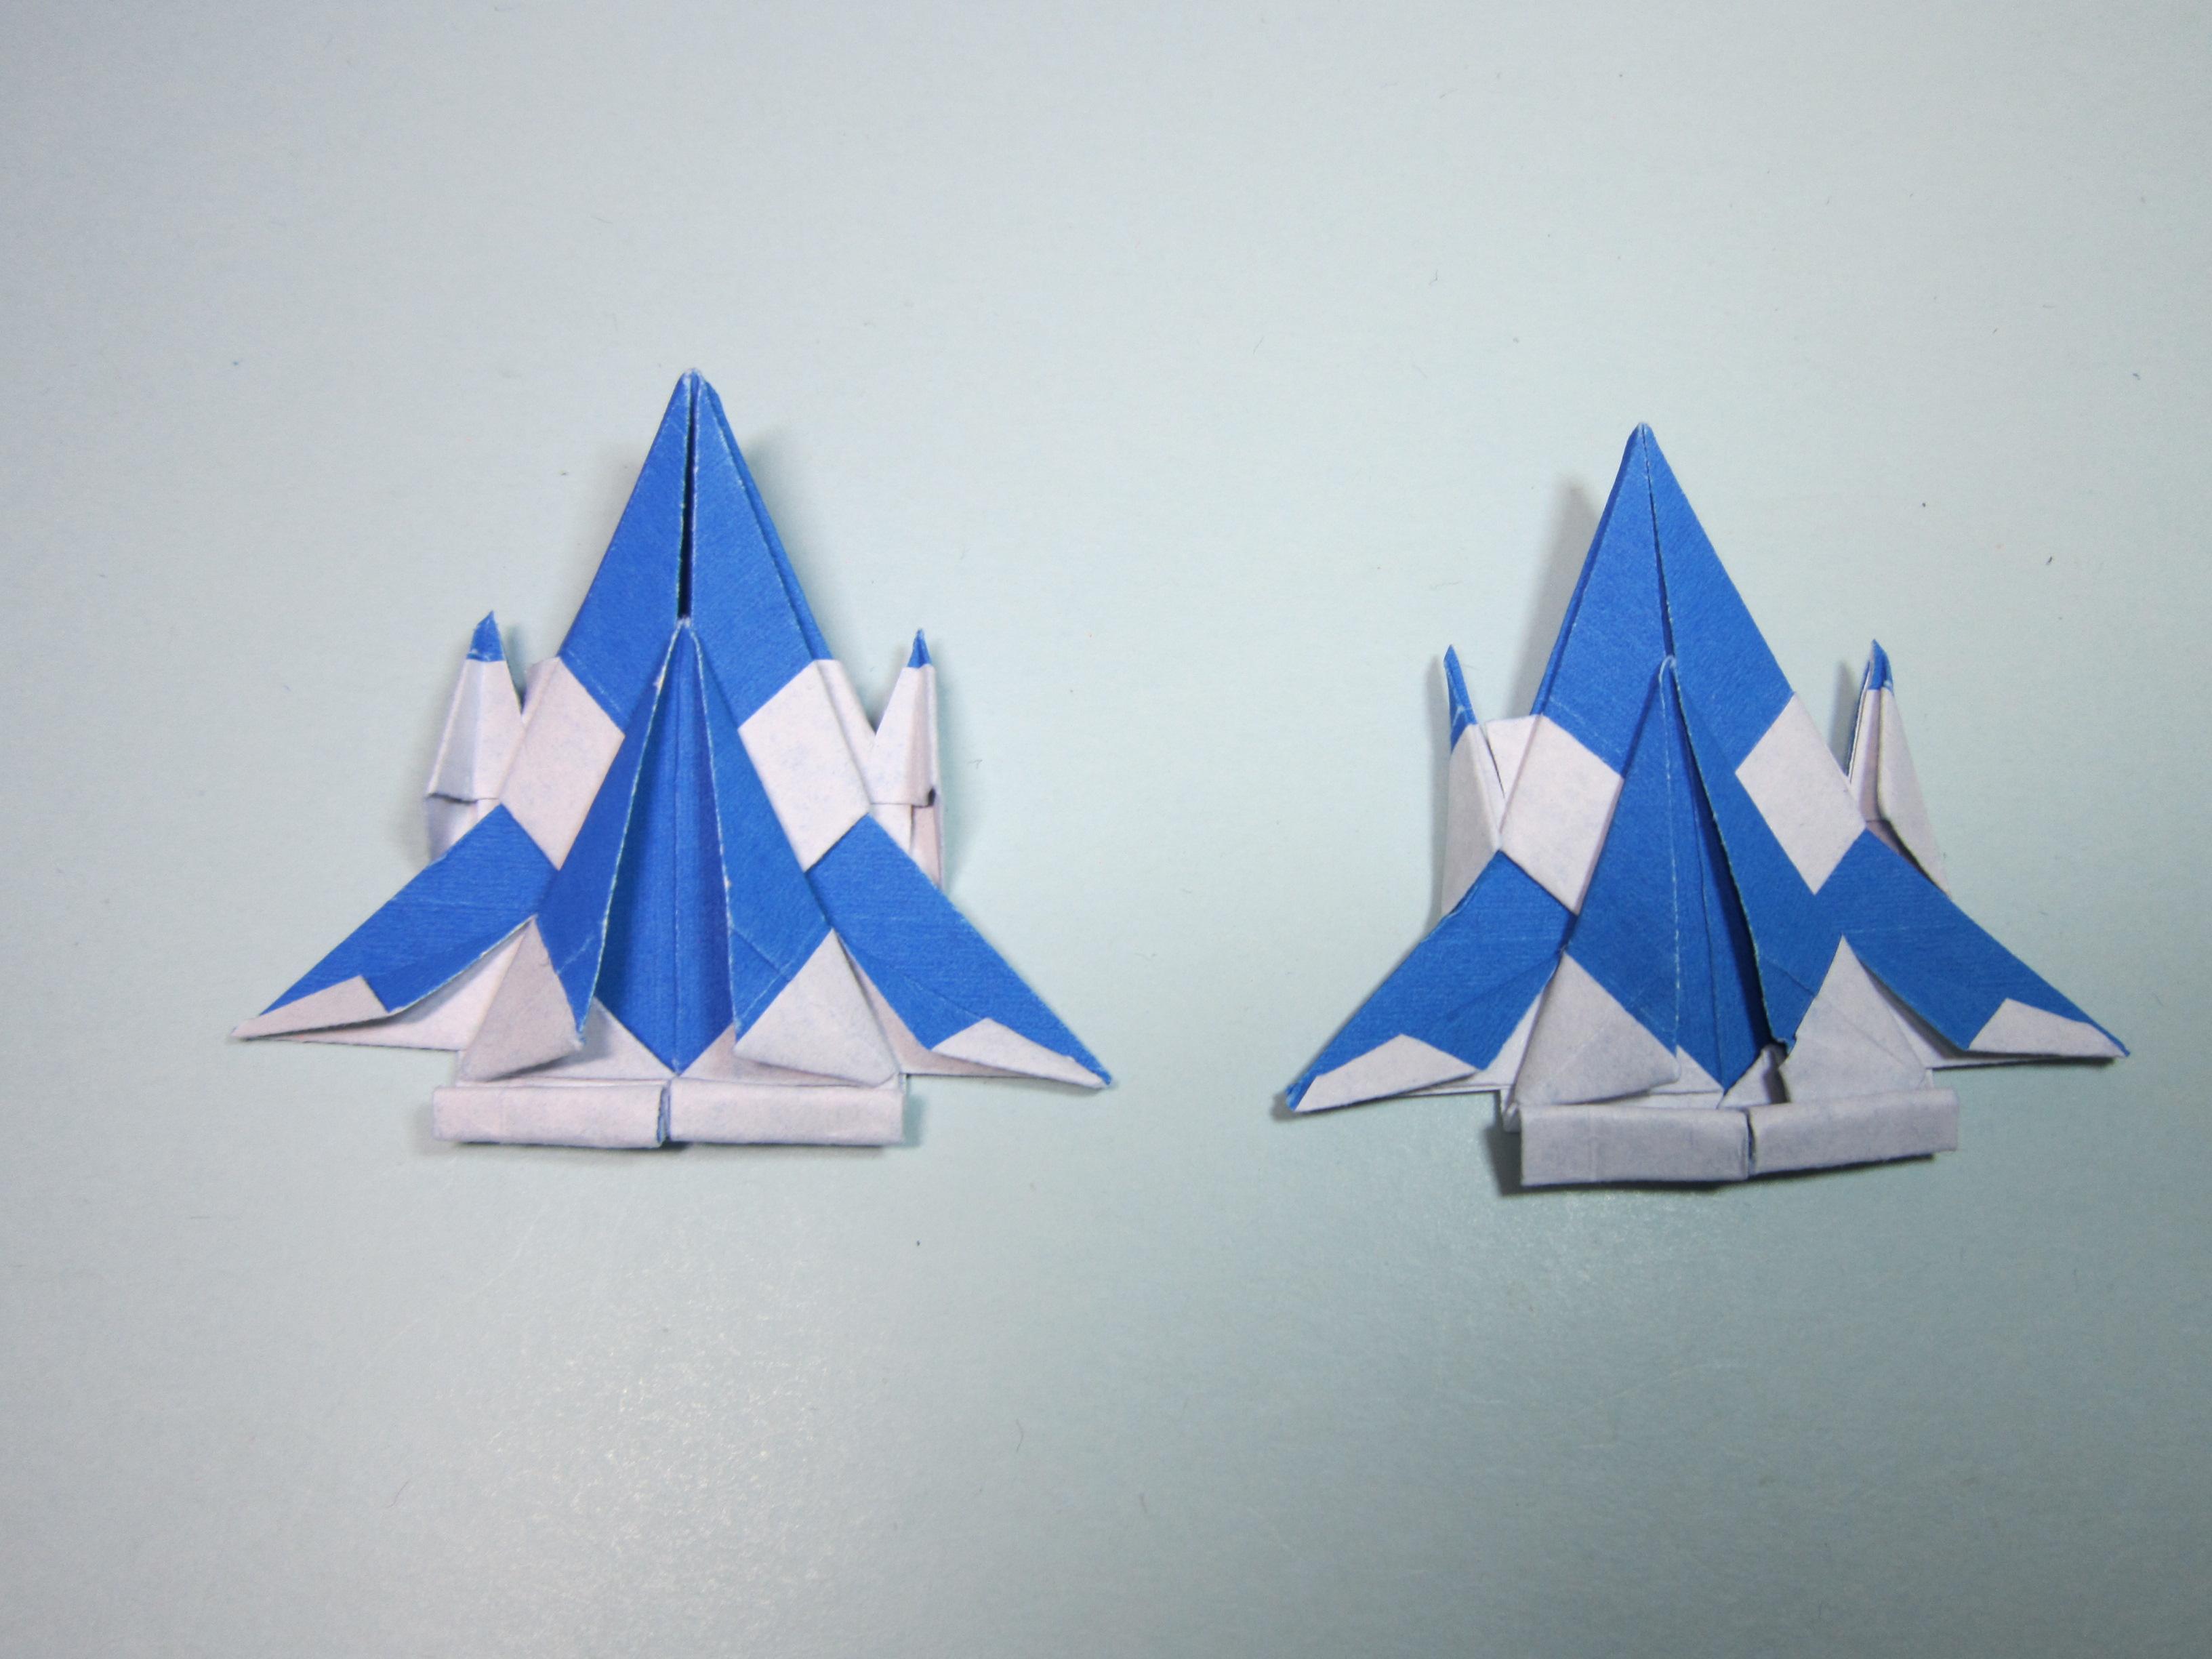 简单的手工折纸飞机:一款具有科幻系列的战斗机折纸教程